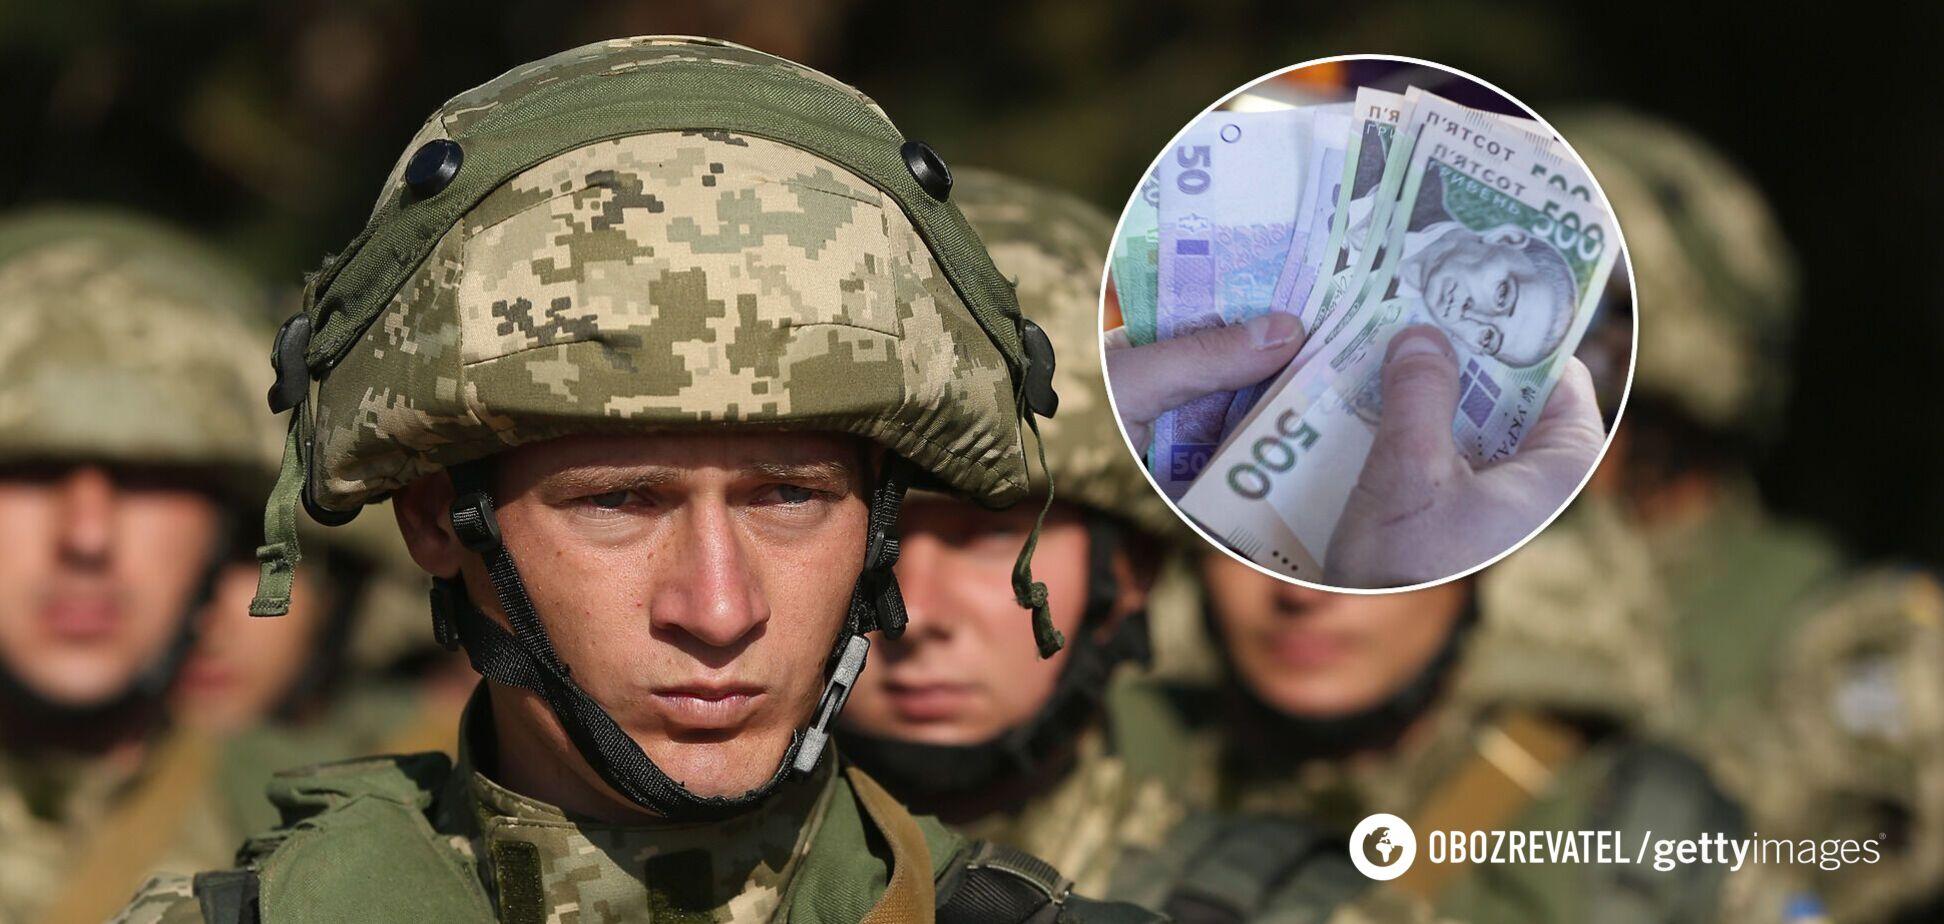 Пенсії військовим в Україні підвищать: названо терміни виплат